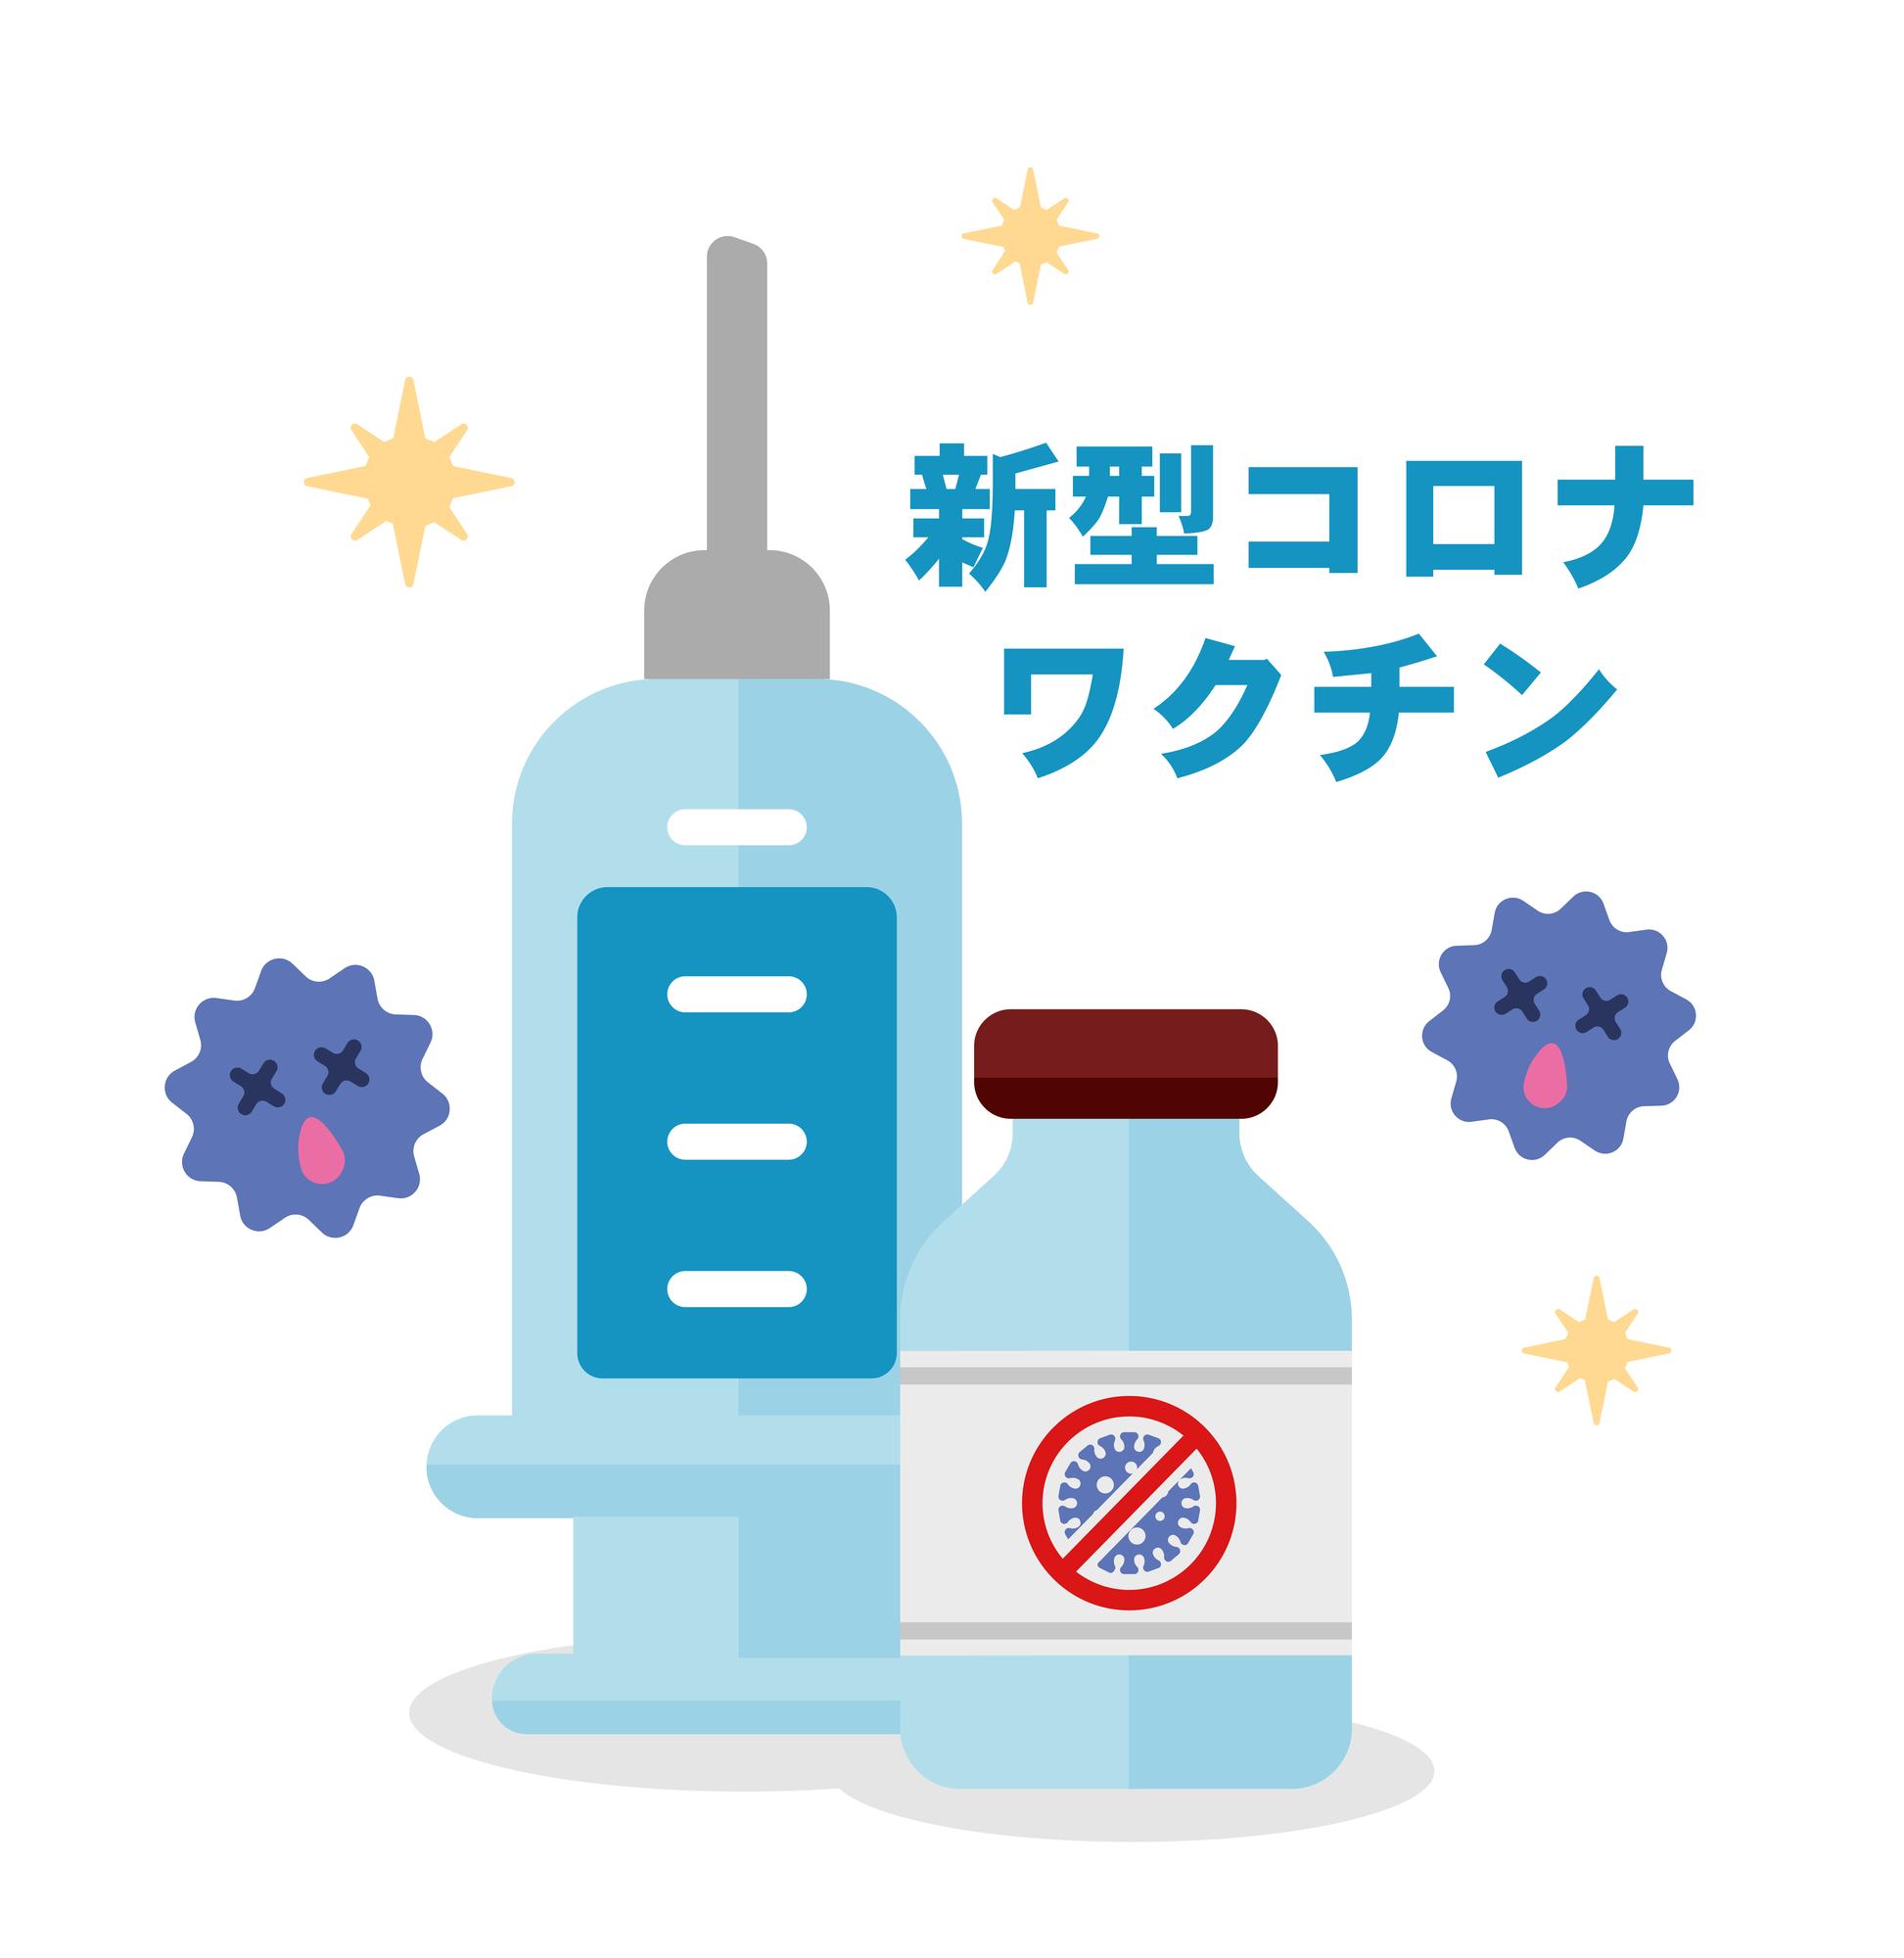 コロナ bcg ワクチン と